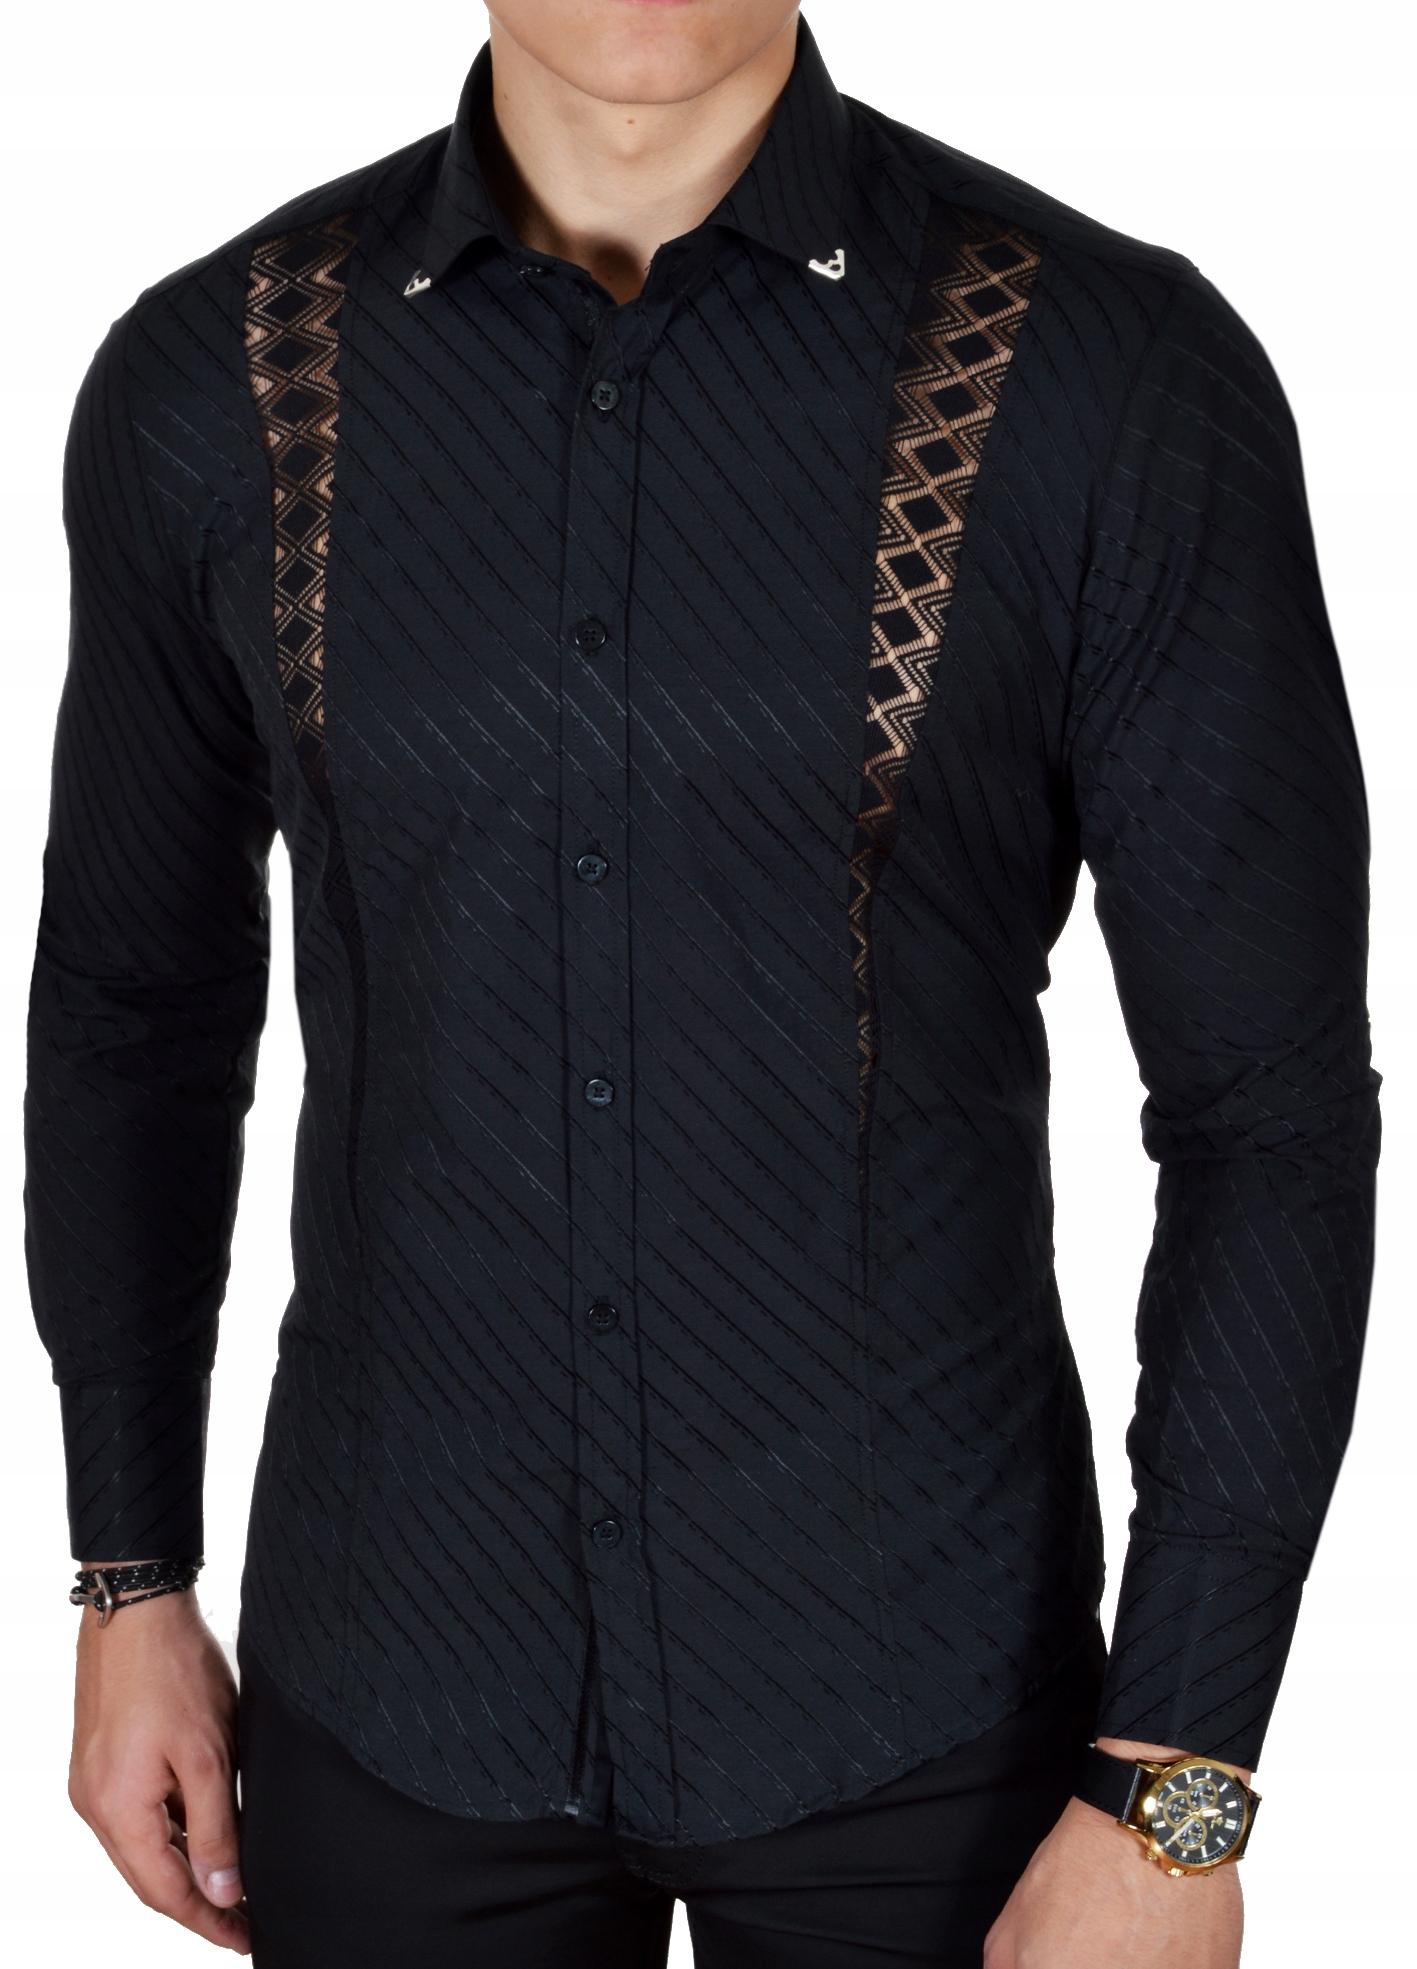 Koszula Męska Mondo Elegancka Wieczorowa Ażurowa 7623053766  Zj4i3